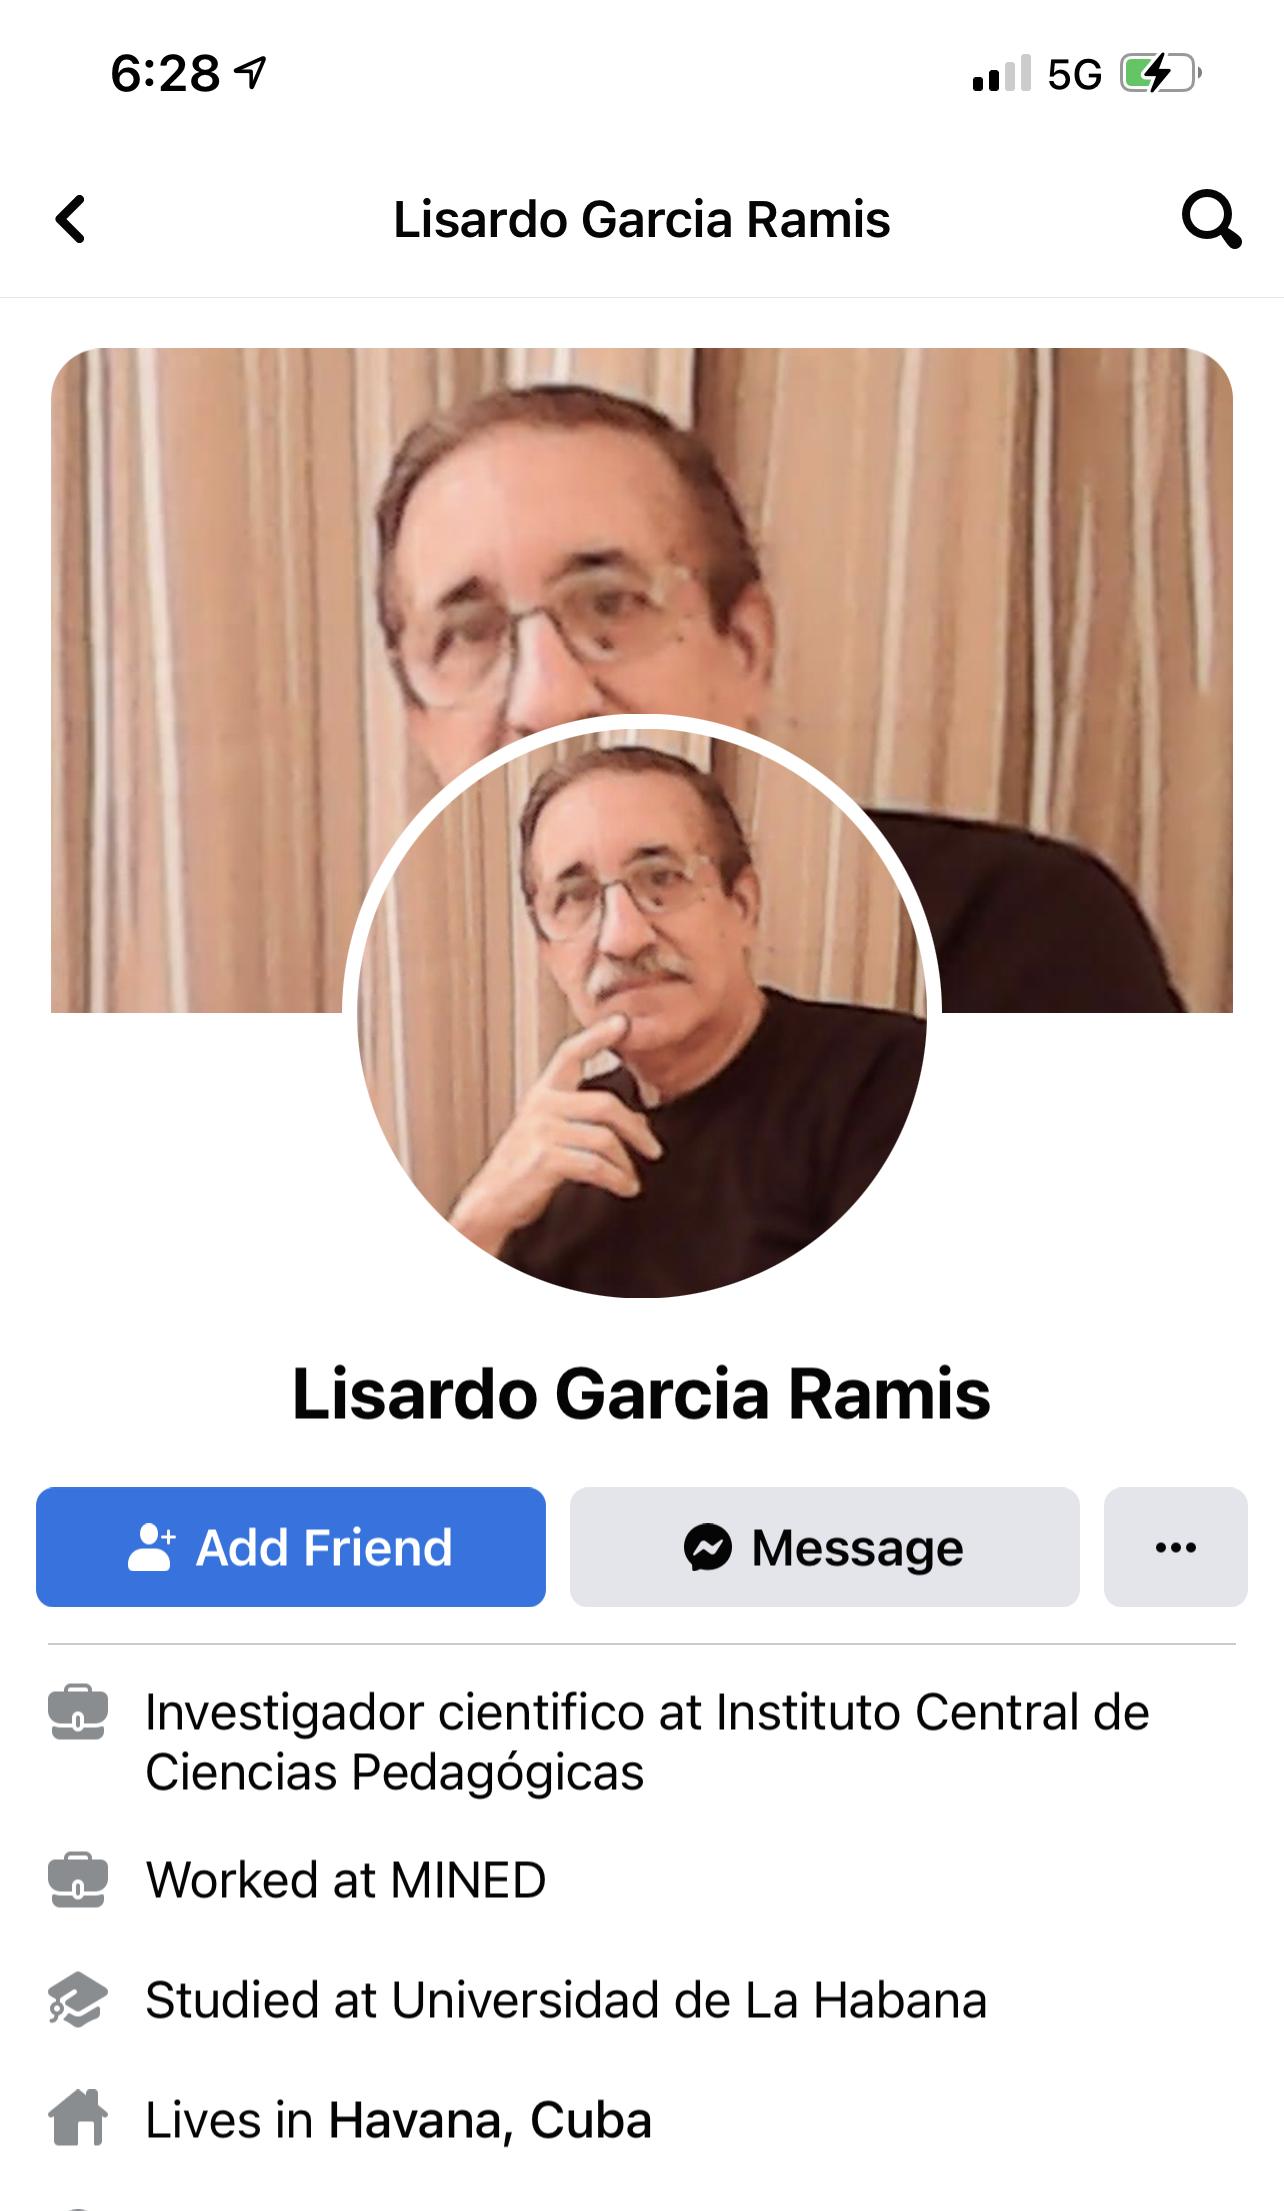 Lisardo García Ramis